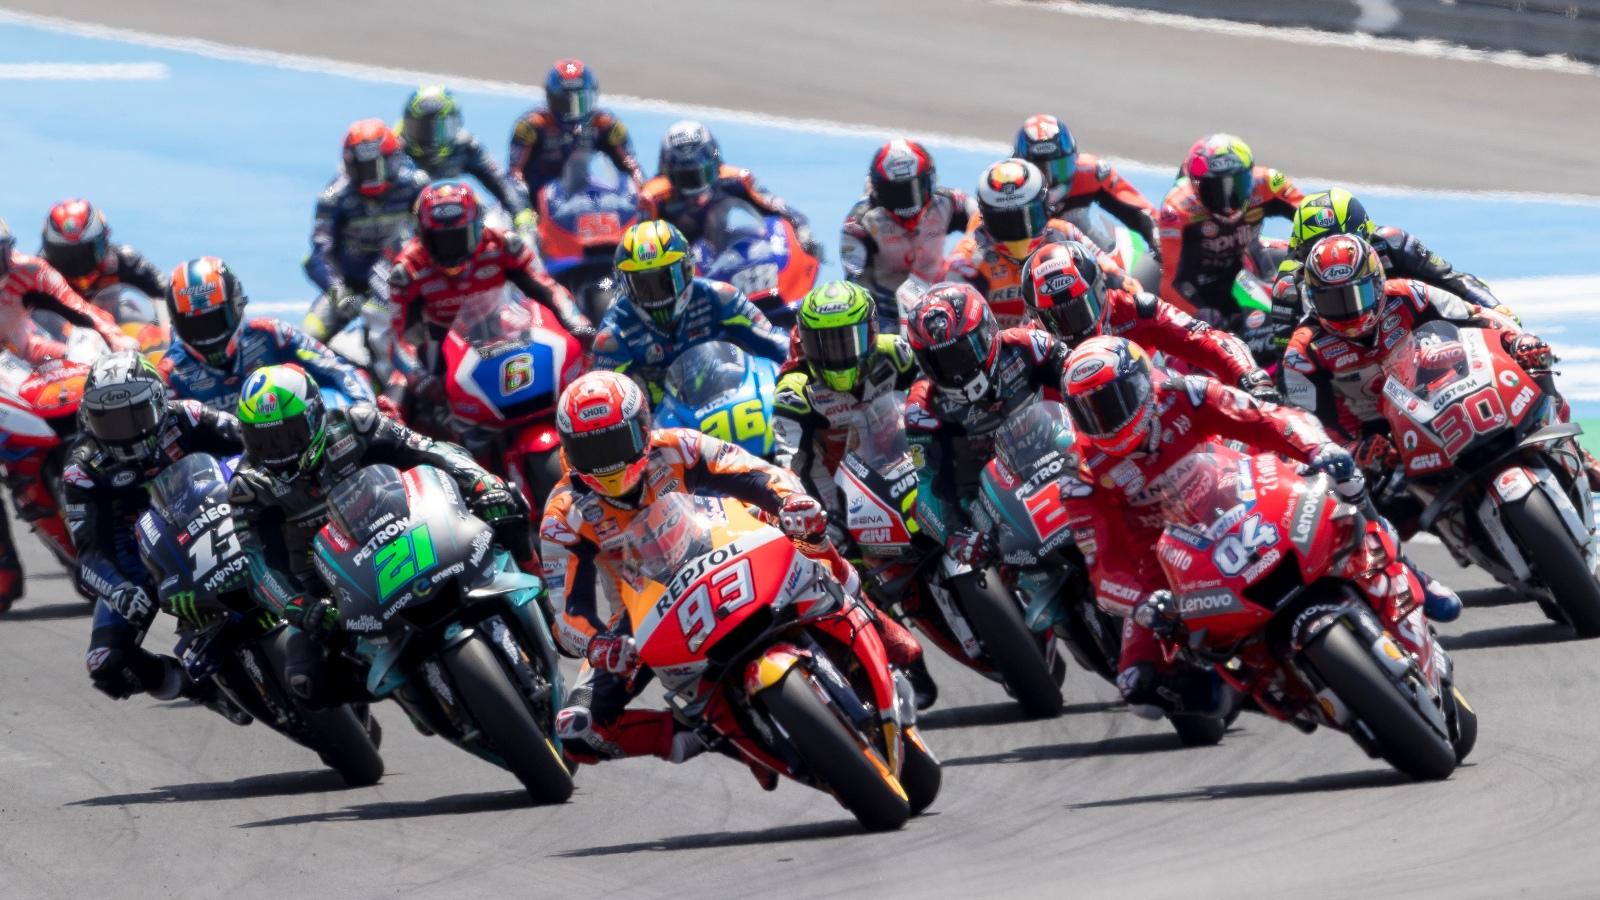 Fechas de inicio o retorno de los campeonatos de motociclismo en 2020